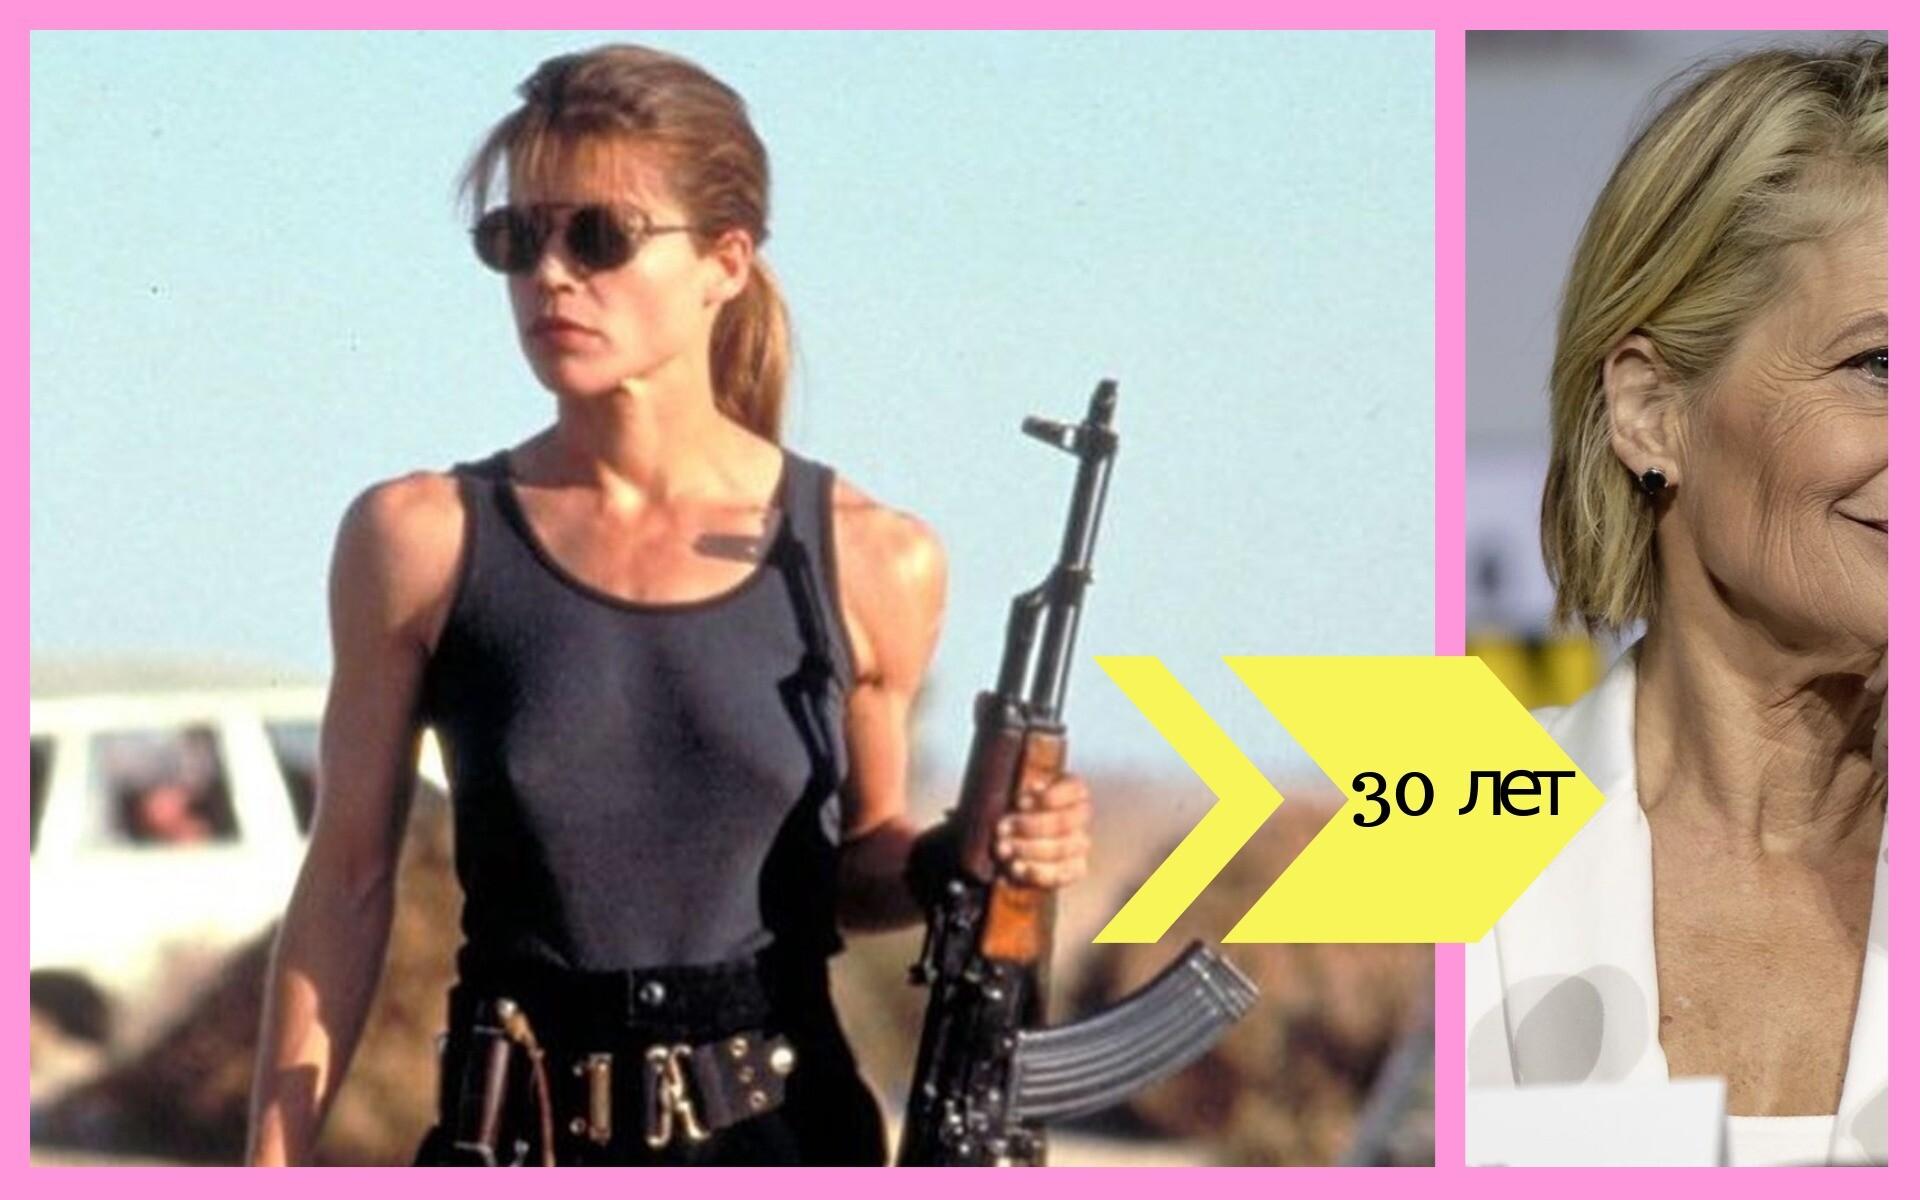 Сара Конор и еще 5 героинь популярных боевиков: как они сейчас выглядят